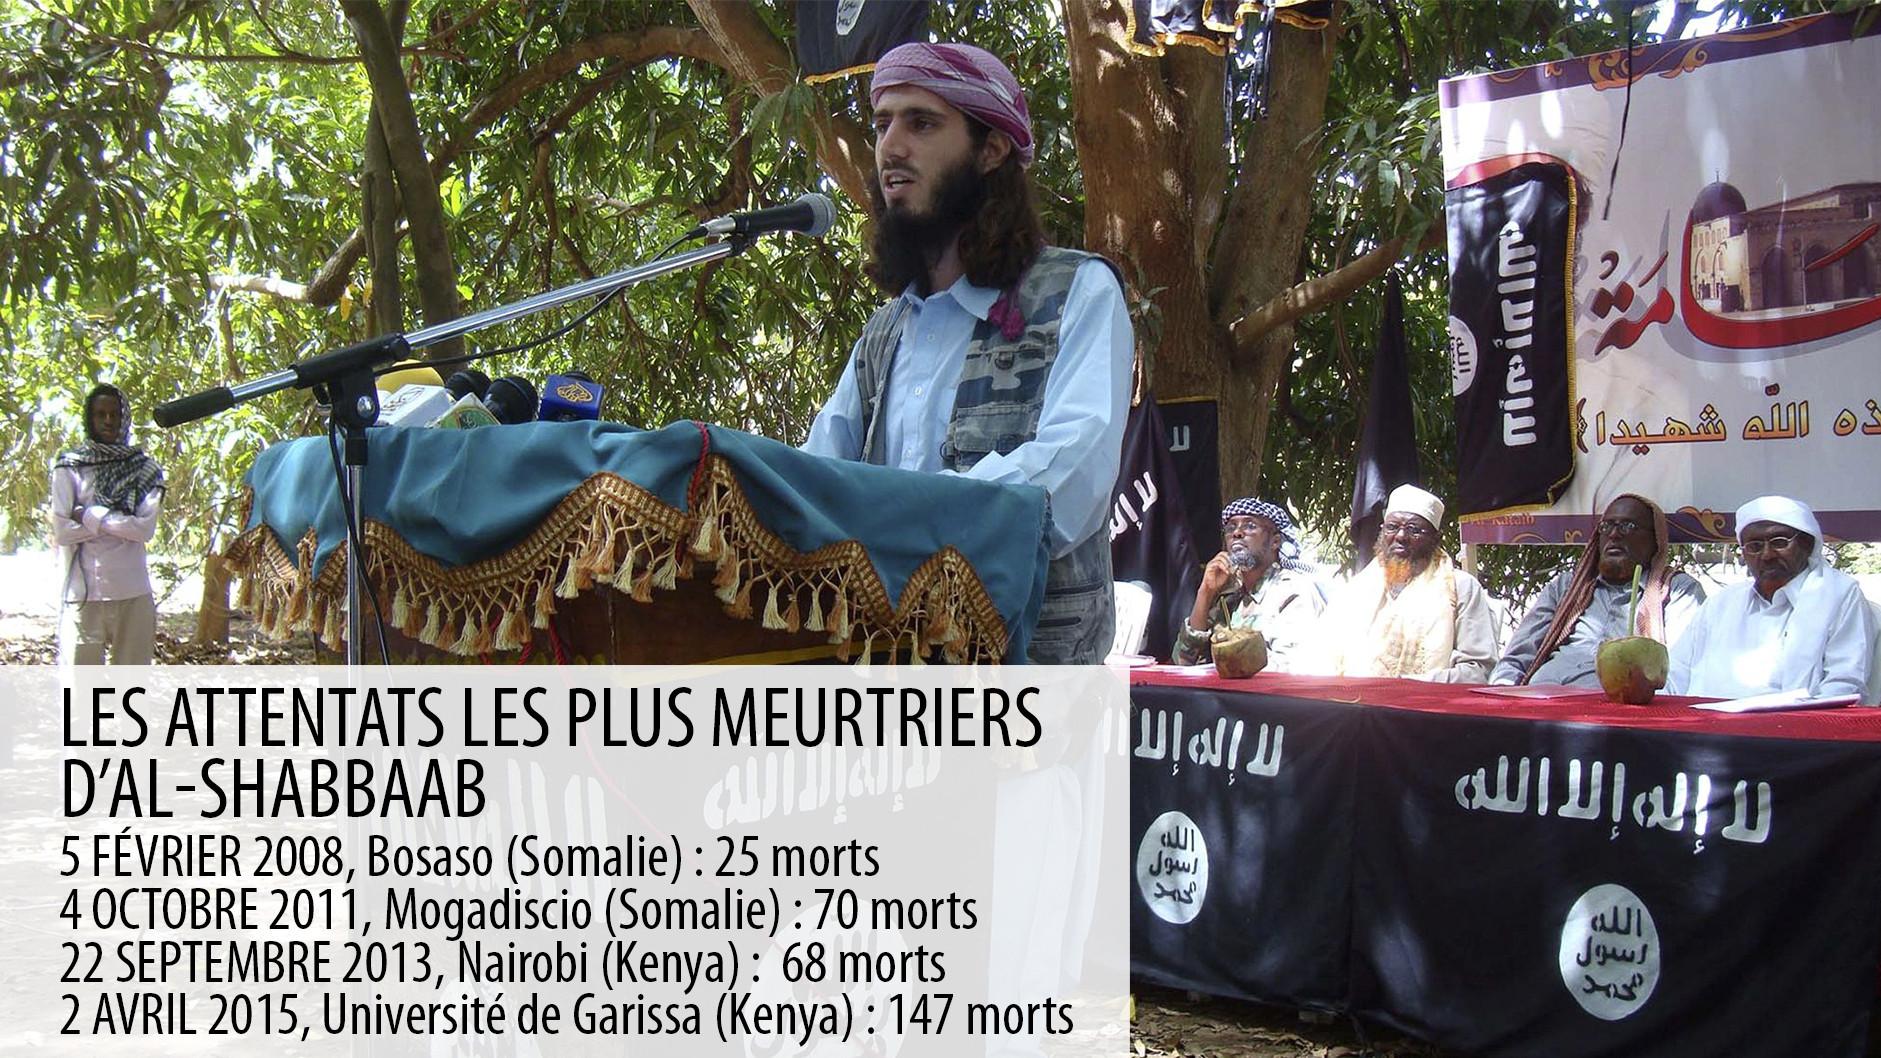 Les attentats les plus meurtriers d'Al-Shabbaab